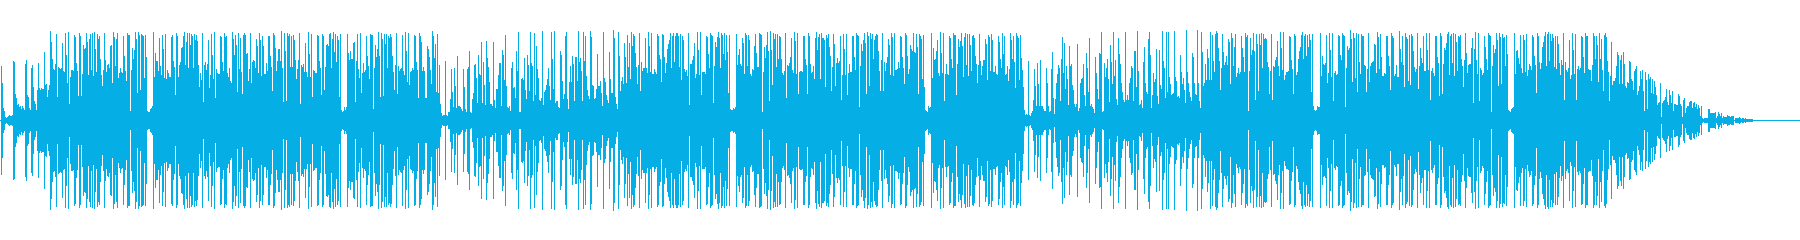 ノリノリで踊りたくなるヒップホップの再生済みの波形